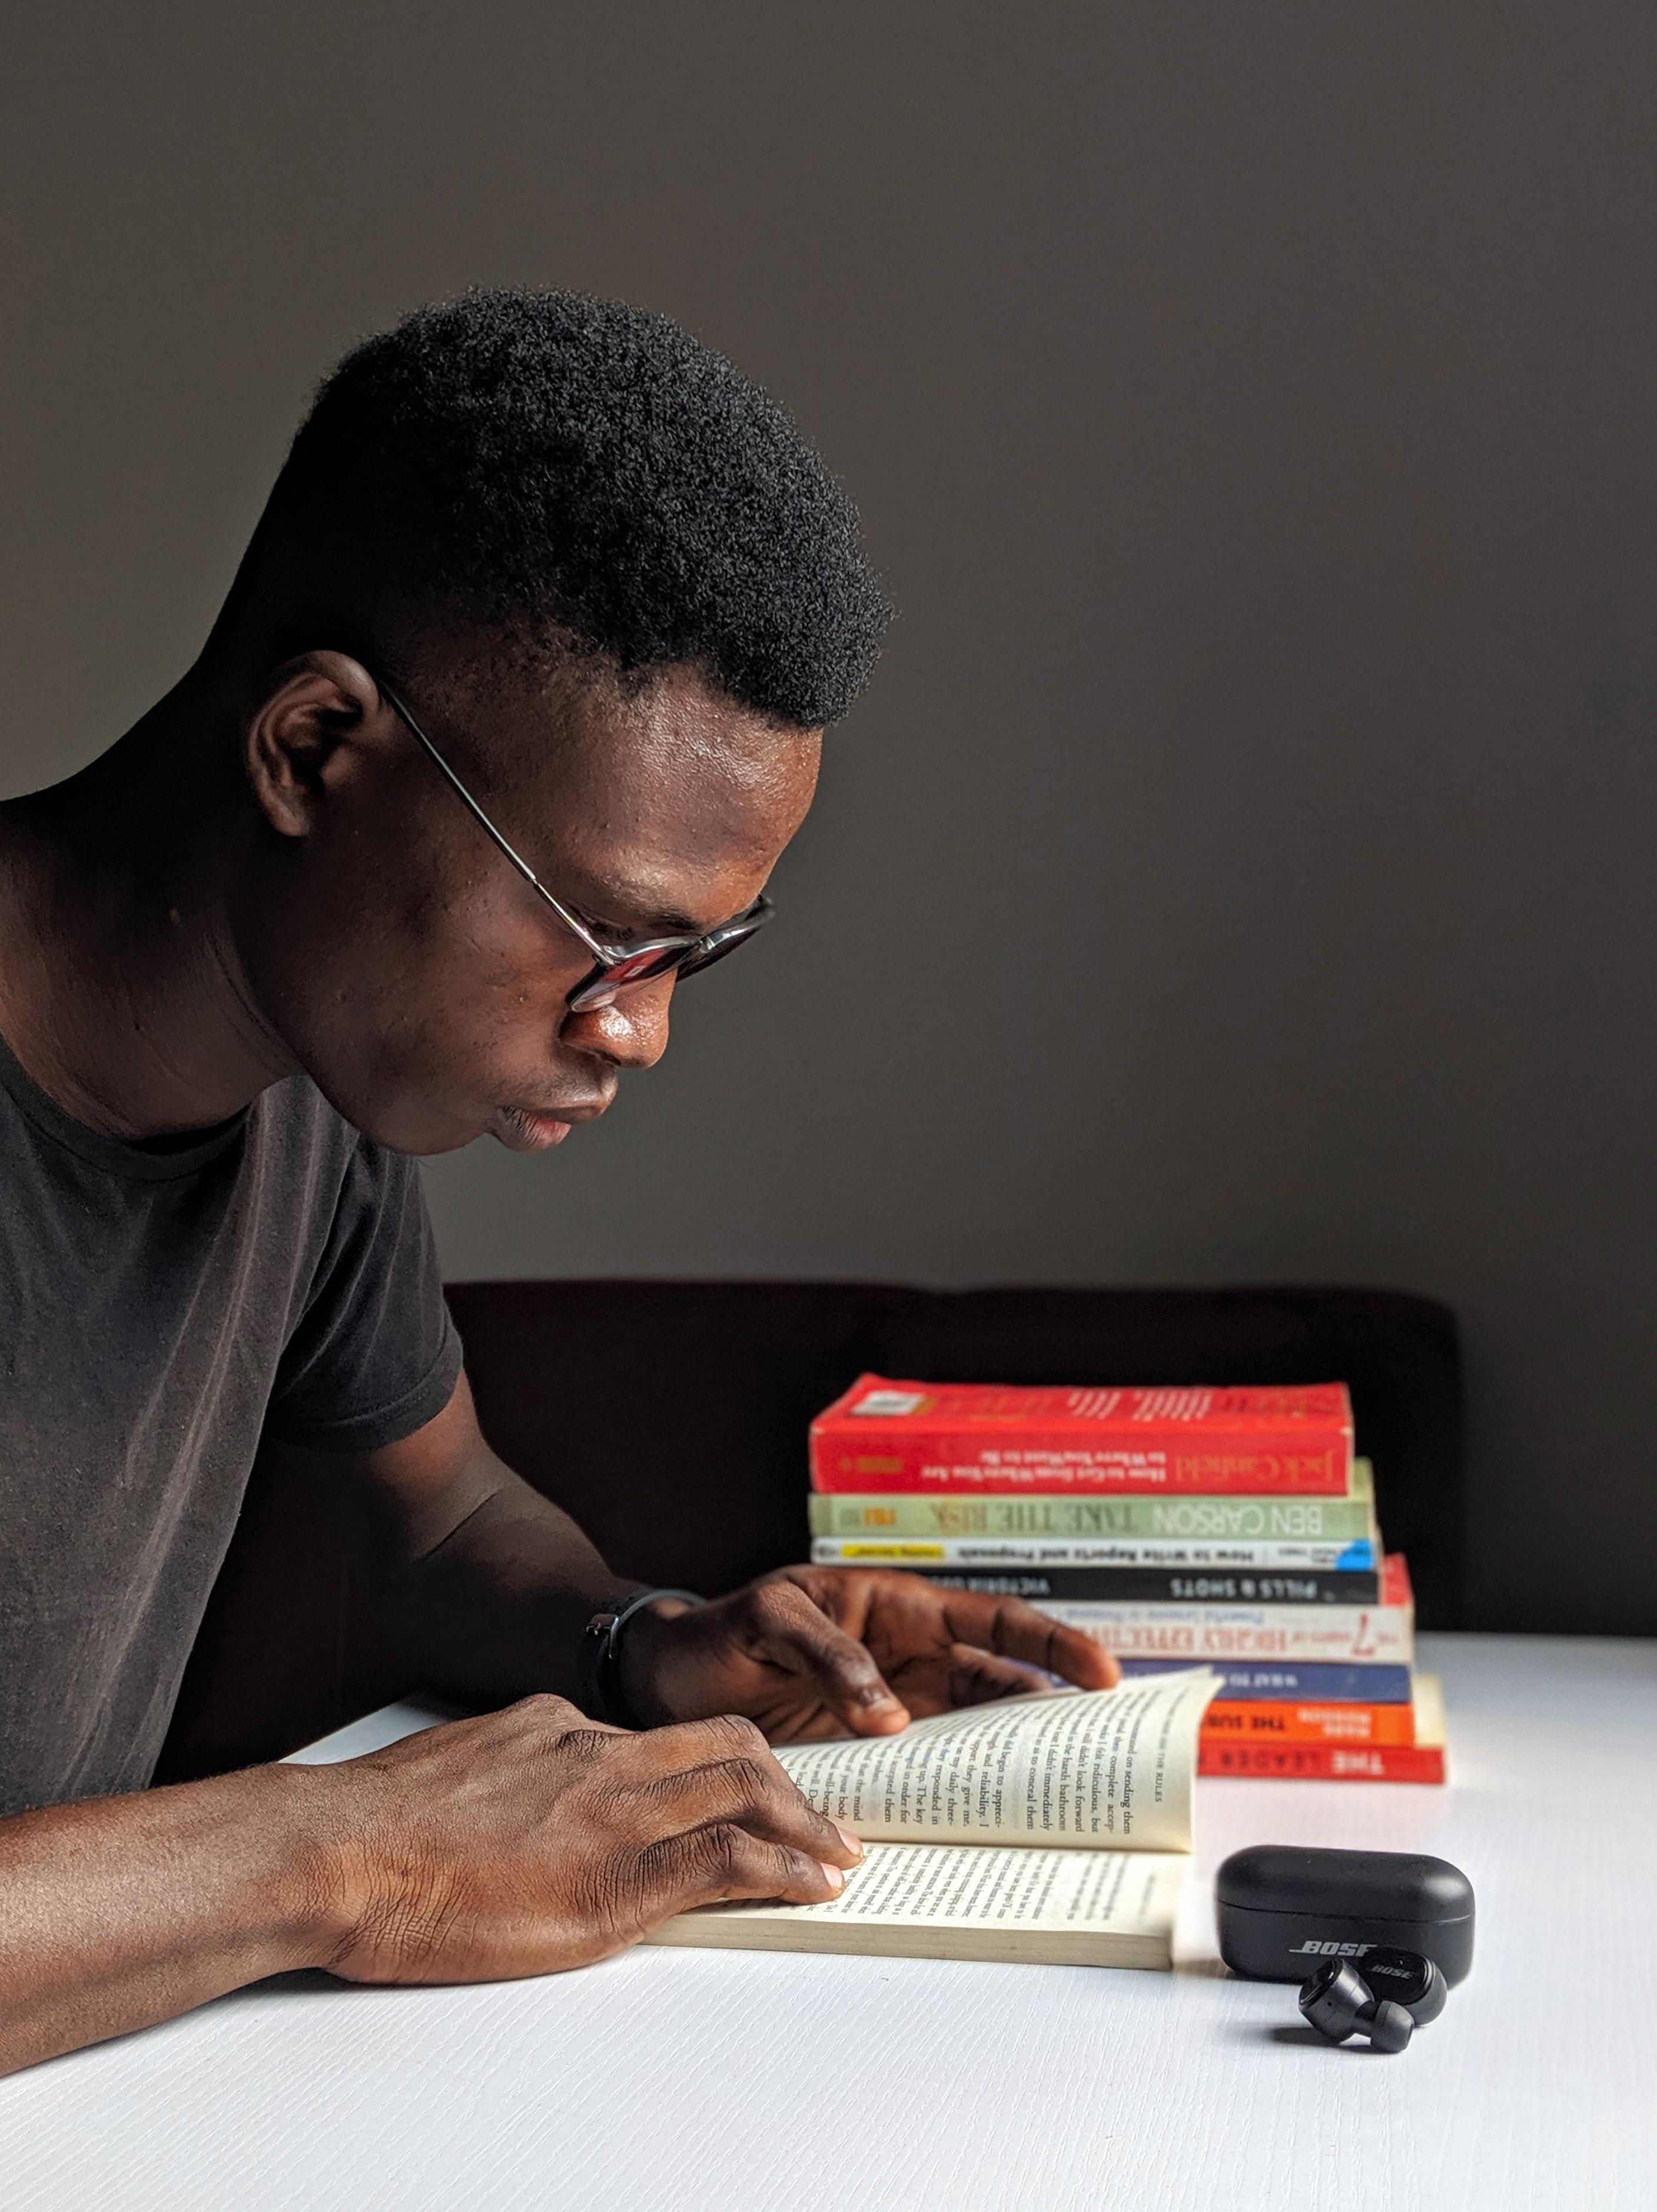 Studying at University Level